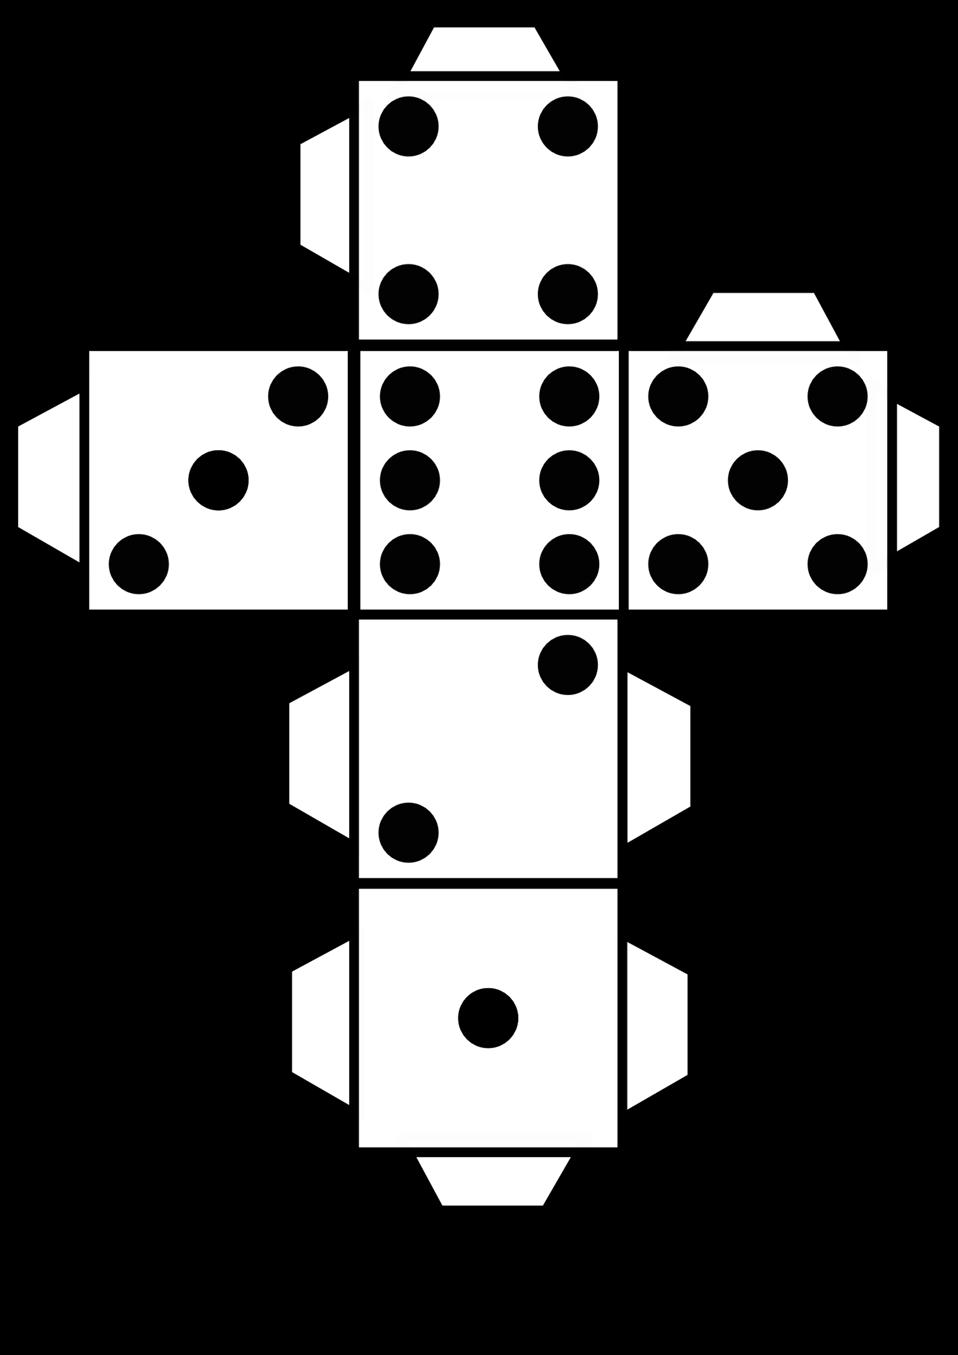 Dice clipart public domain. Clip art image printable